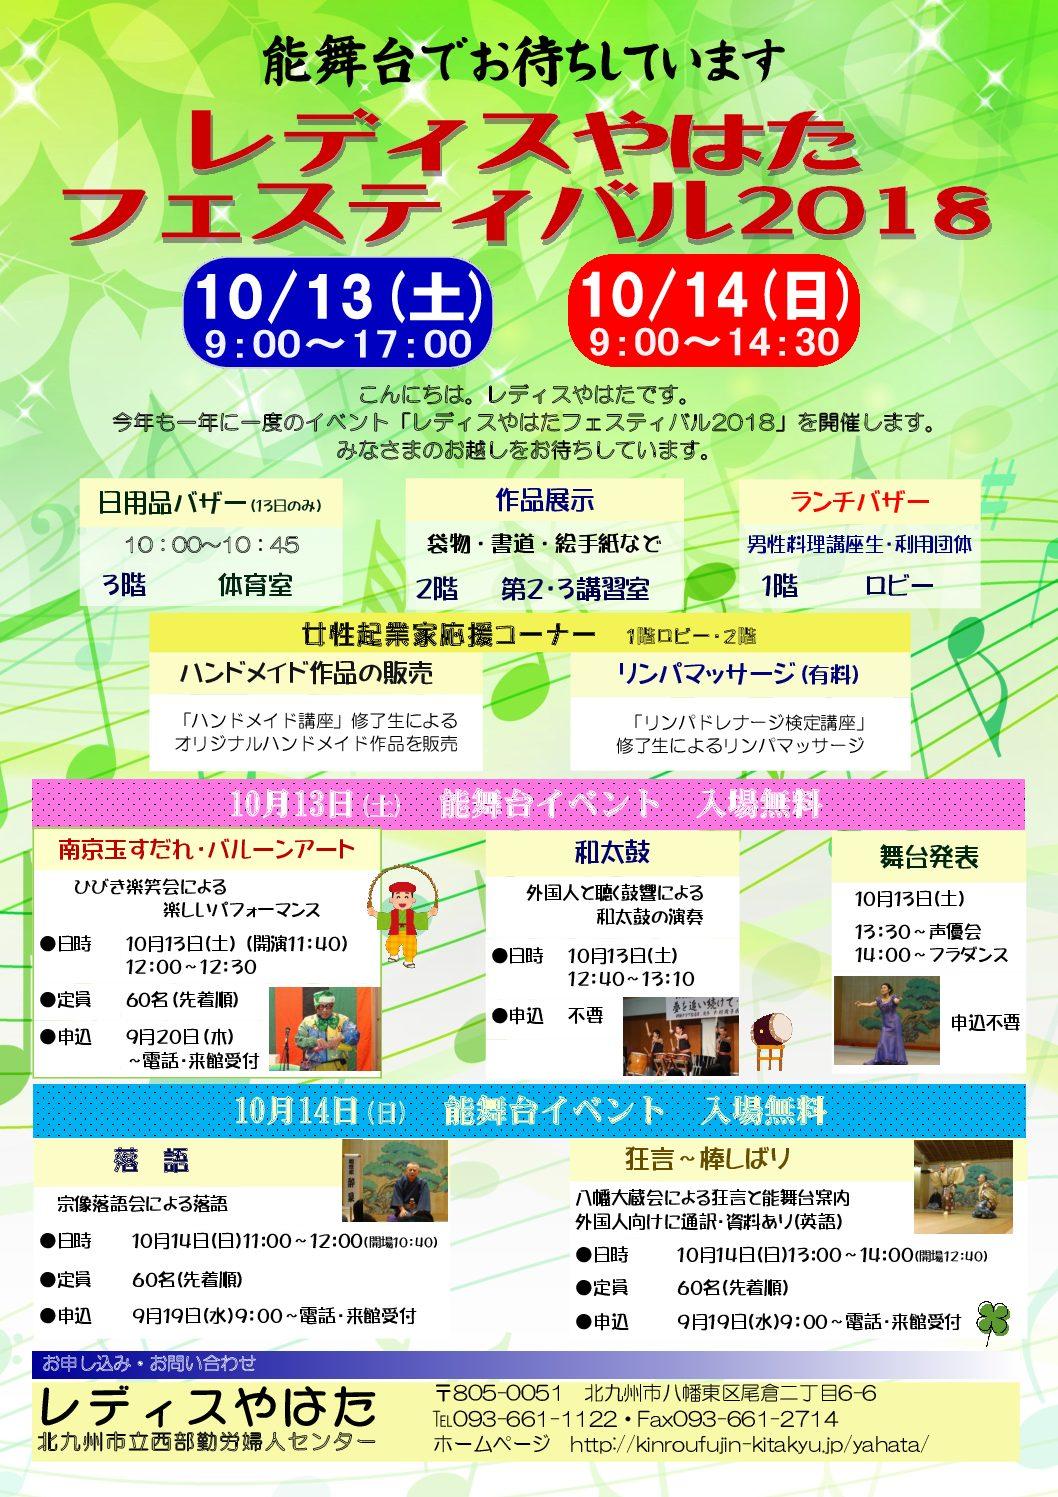 【10月14日開催】落語と狂言